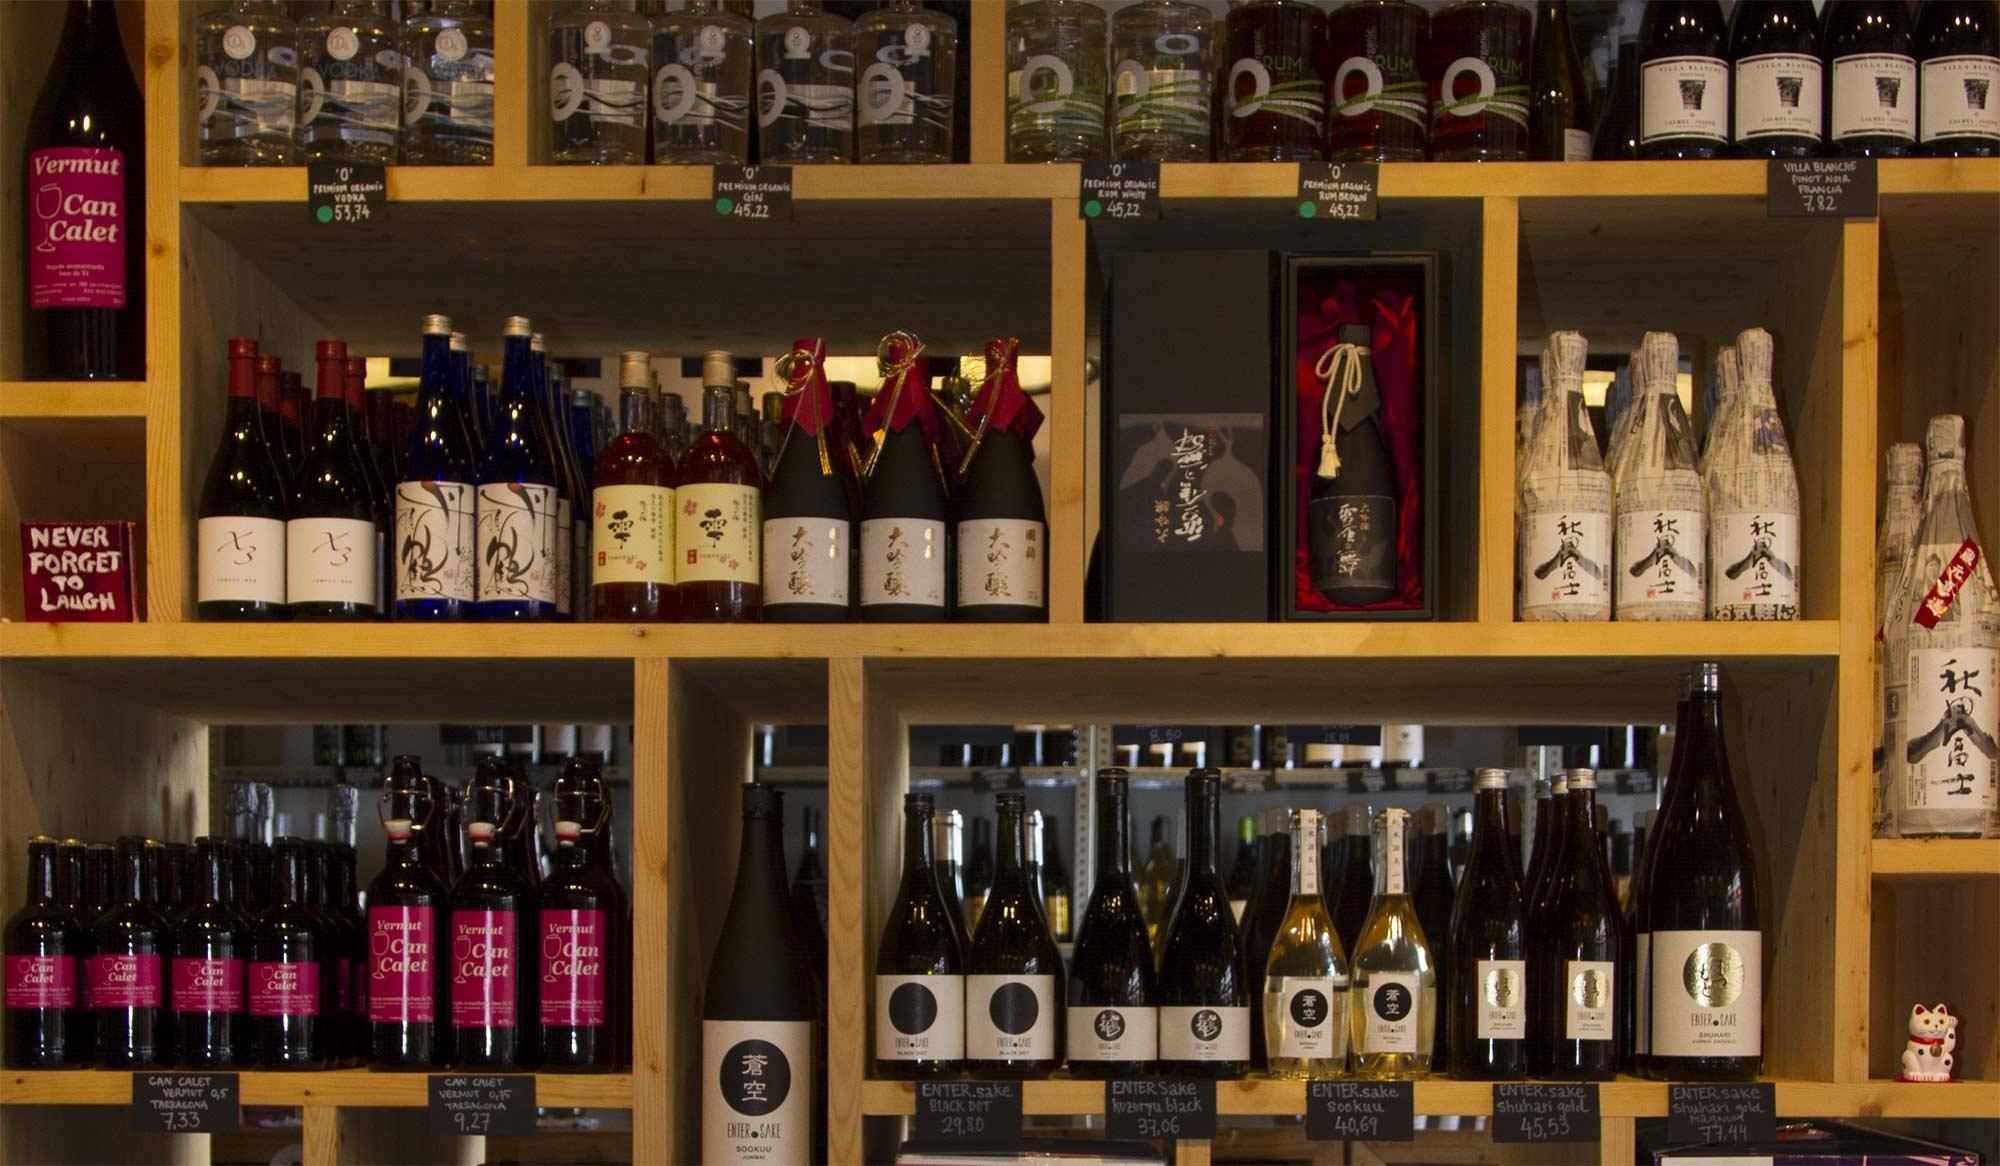 vino-co-ibiza-style-008